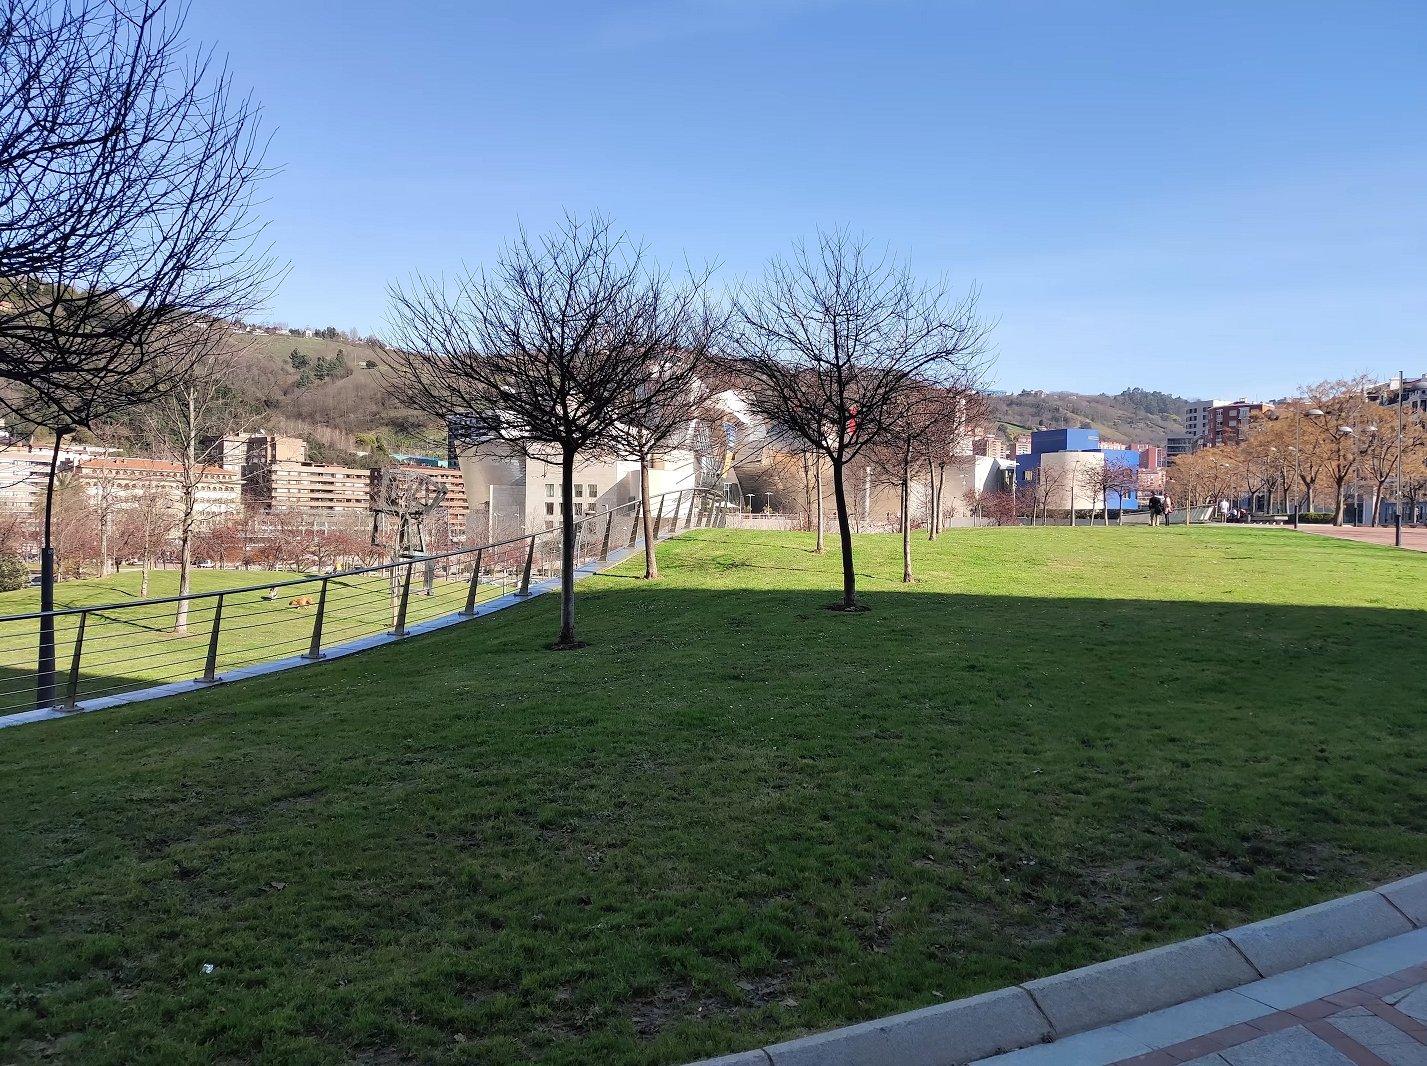 Пейзажный снимок